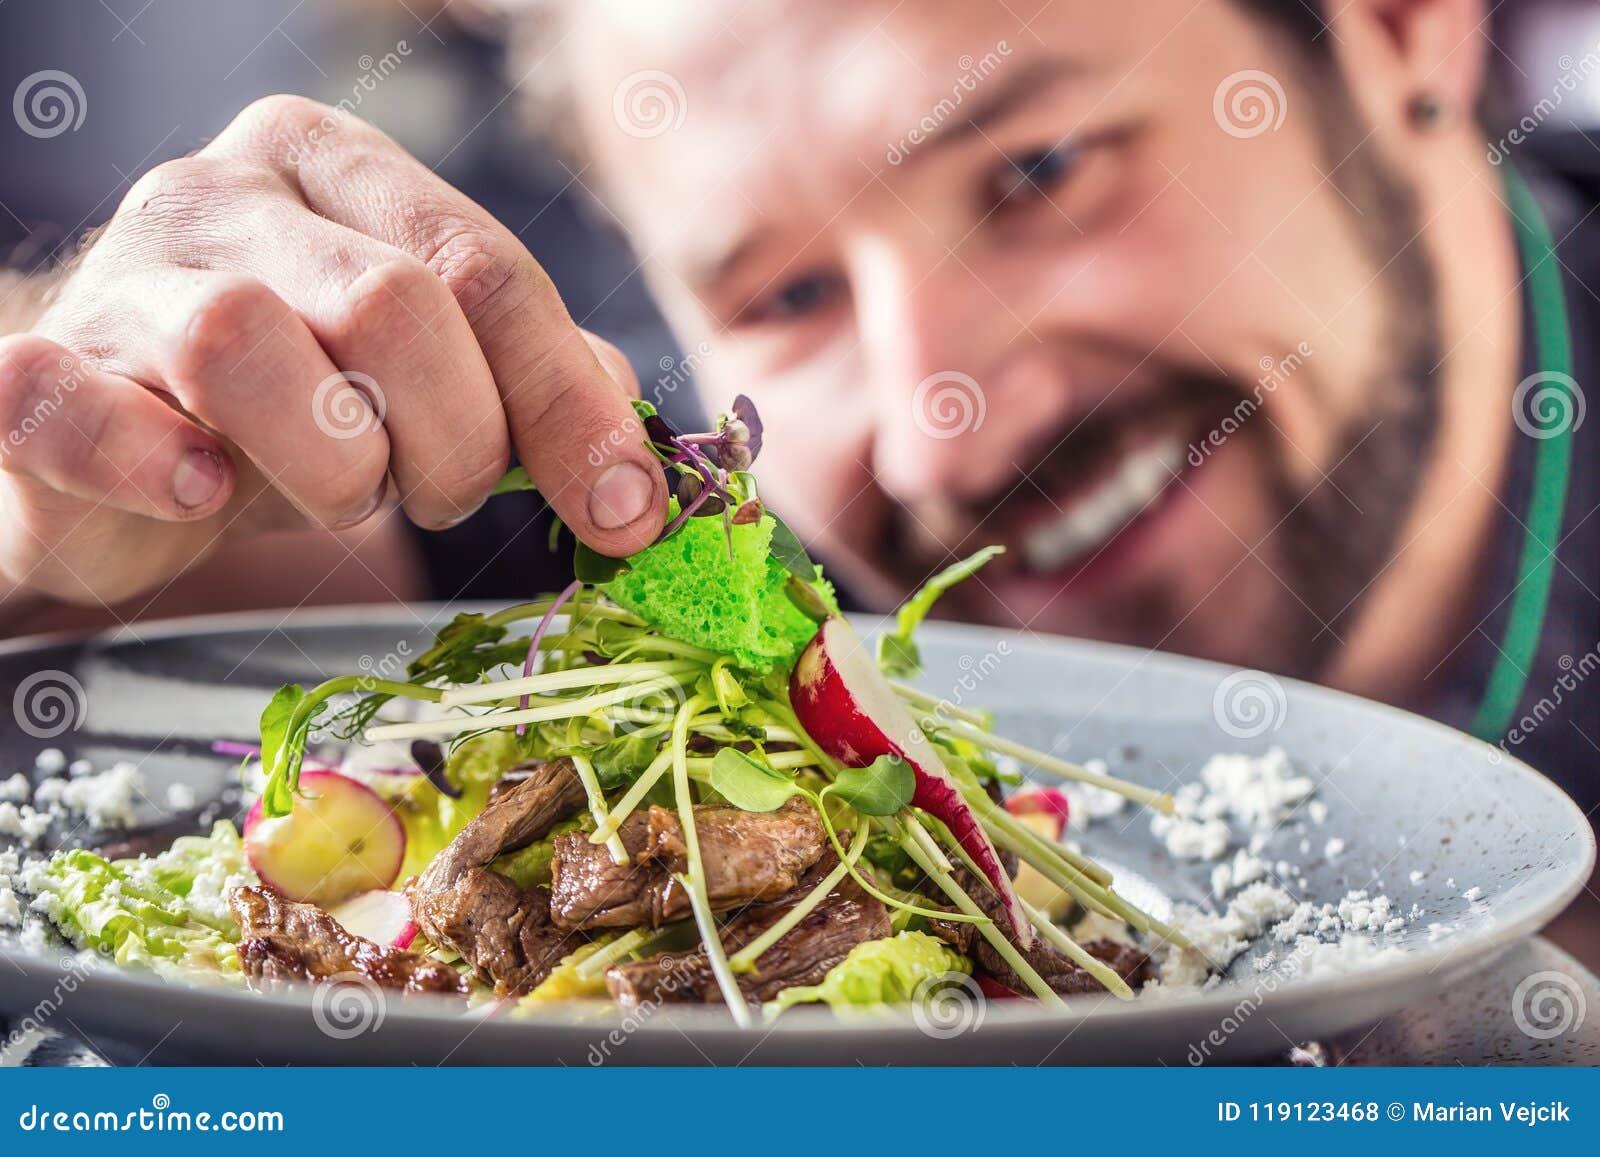 Chef dans l hôtel ou le restaurant préparant la salade avec des morceaux de boeuf